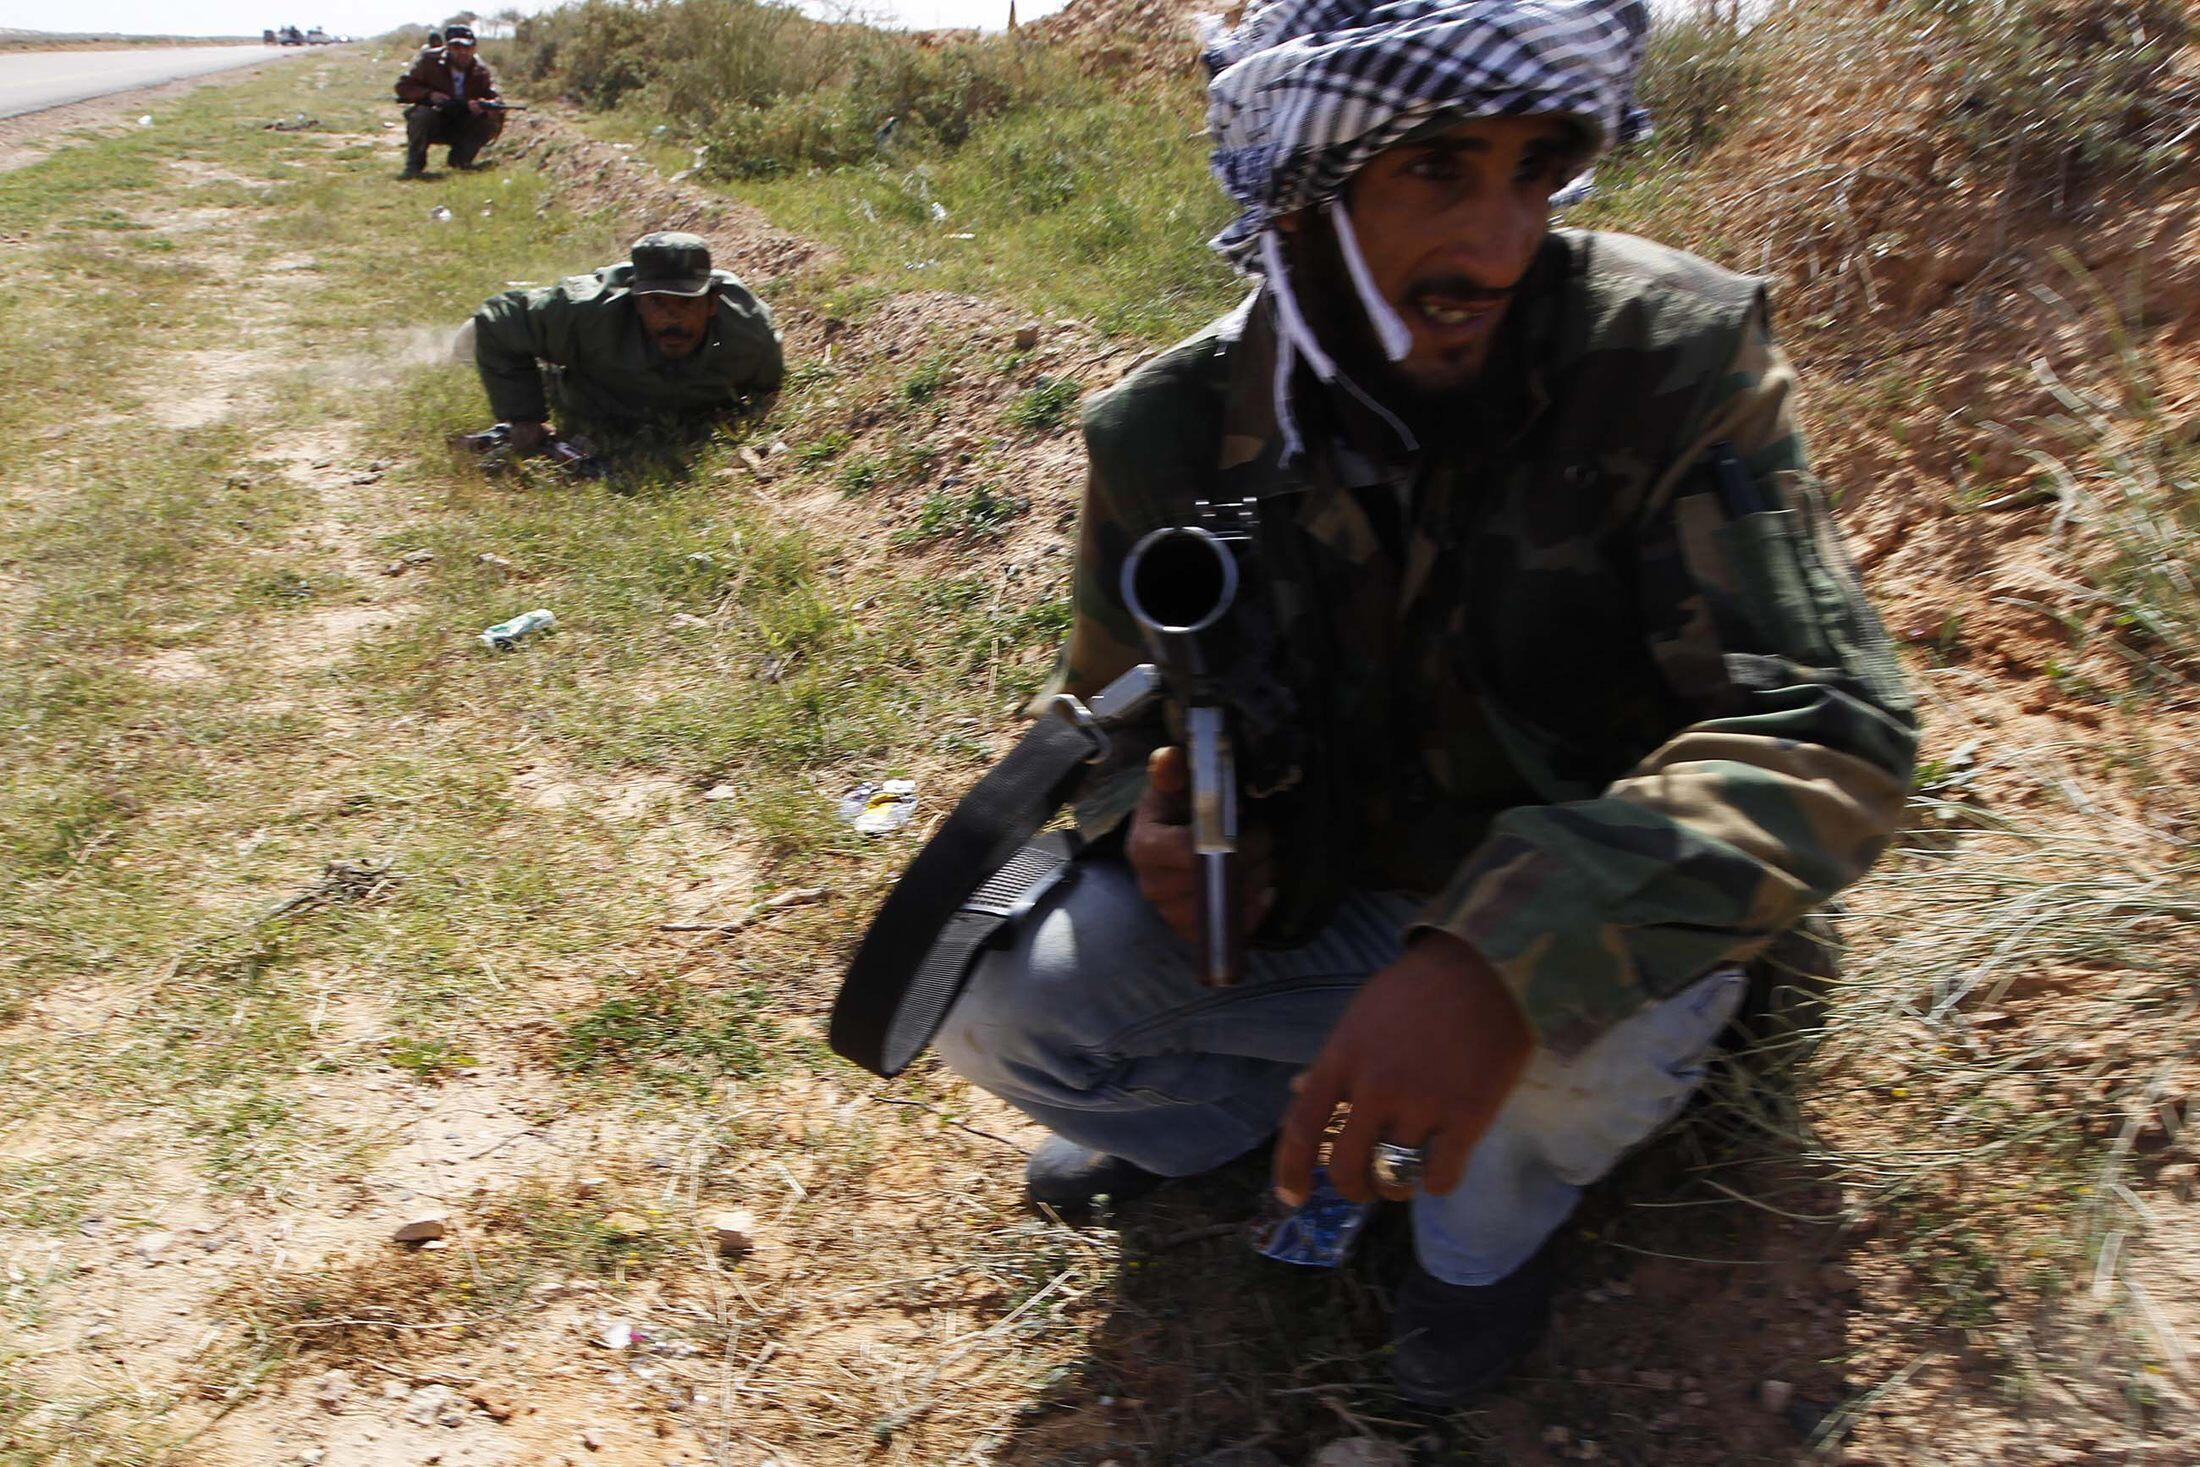 Повстанцы под пулеметной атакой сил, верных Каддафи близ Бен-Джавада. Фото 29 марта 2011 г.